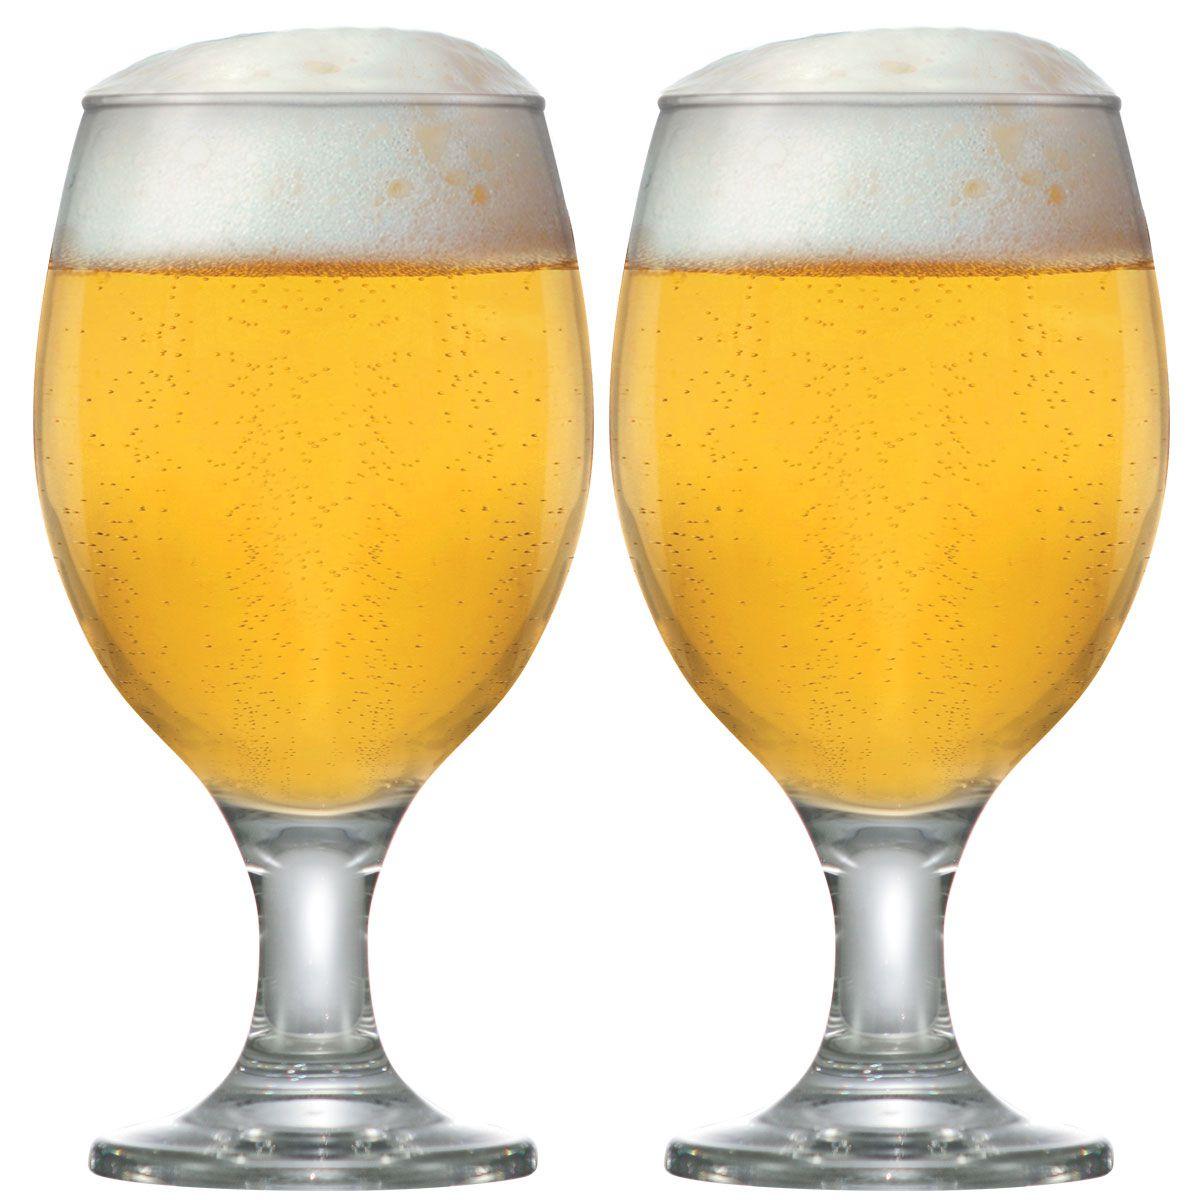 Taça Cerveja - Jogo Conjunto Copo Tulipa Kit Roma 2 Pcs